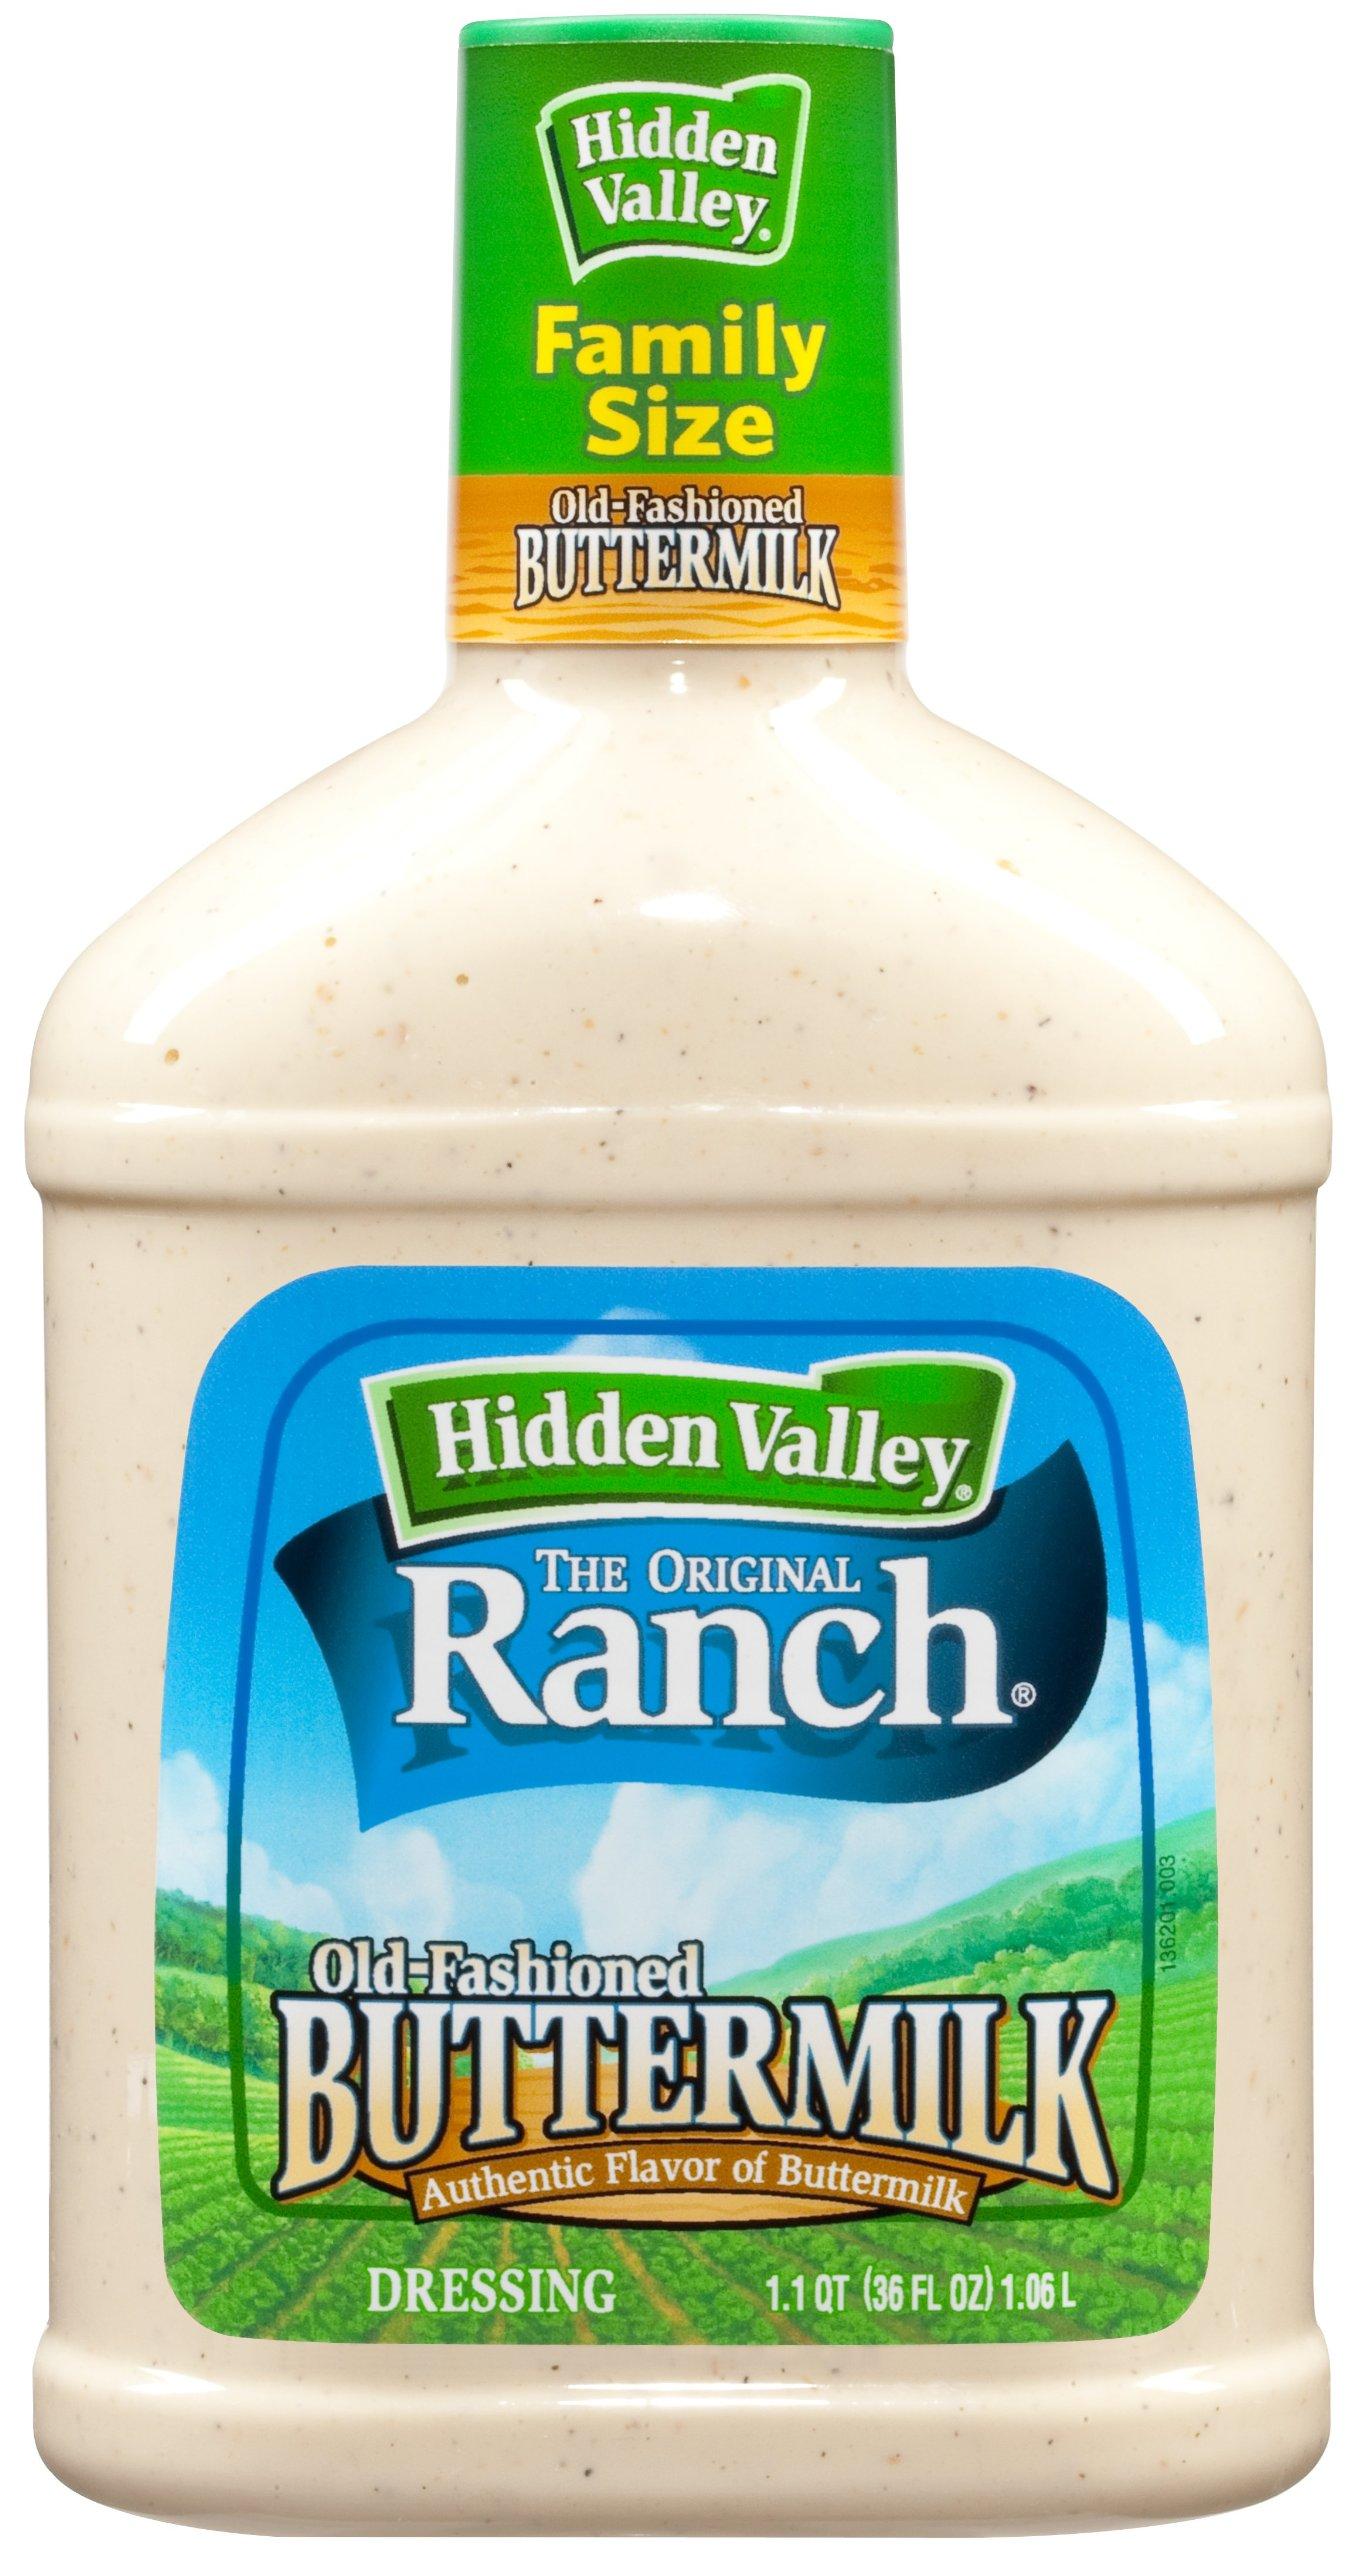 Hidden Valley Original Ranch Dressing, Buttermilk, 36 Fluid Ounce Bottle (Pack of 3)